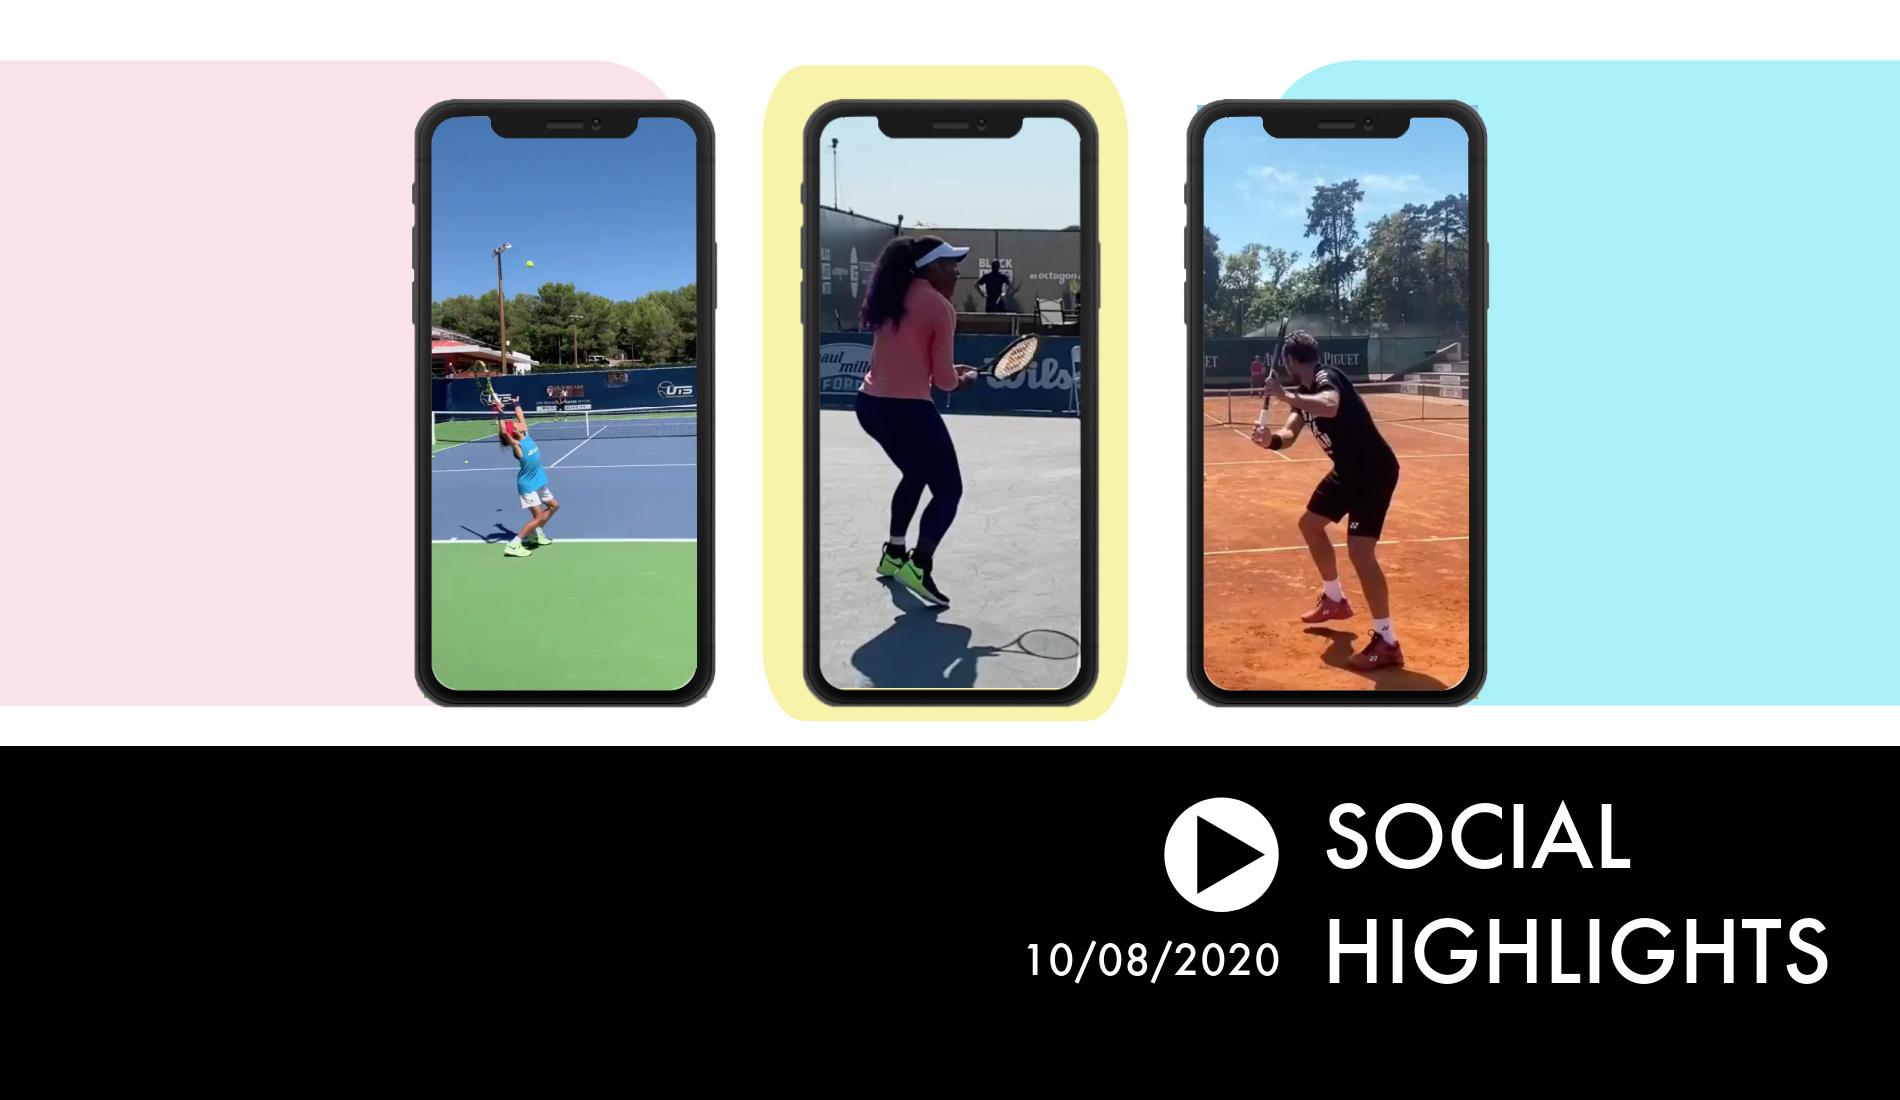 Social Highlights 10.08.2020